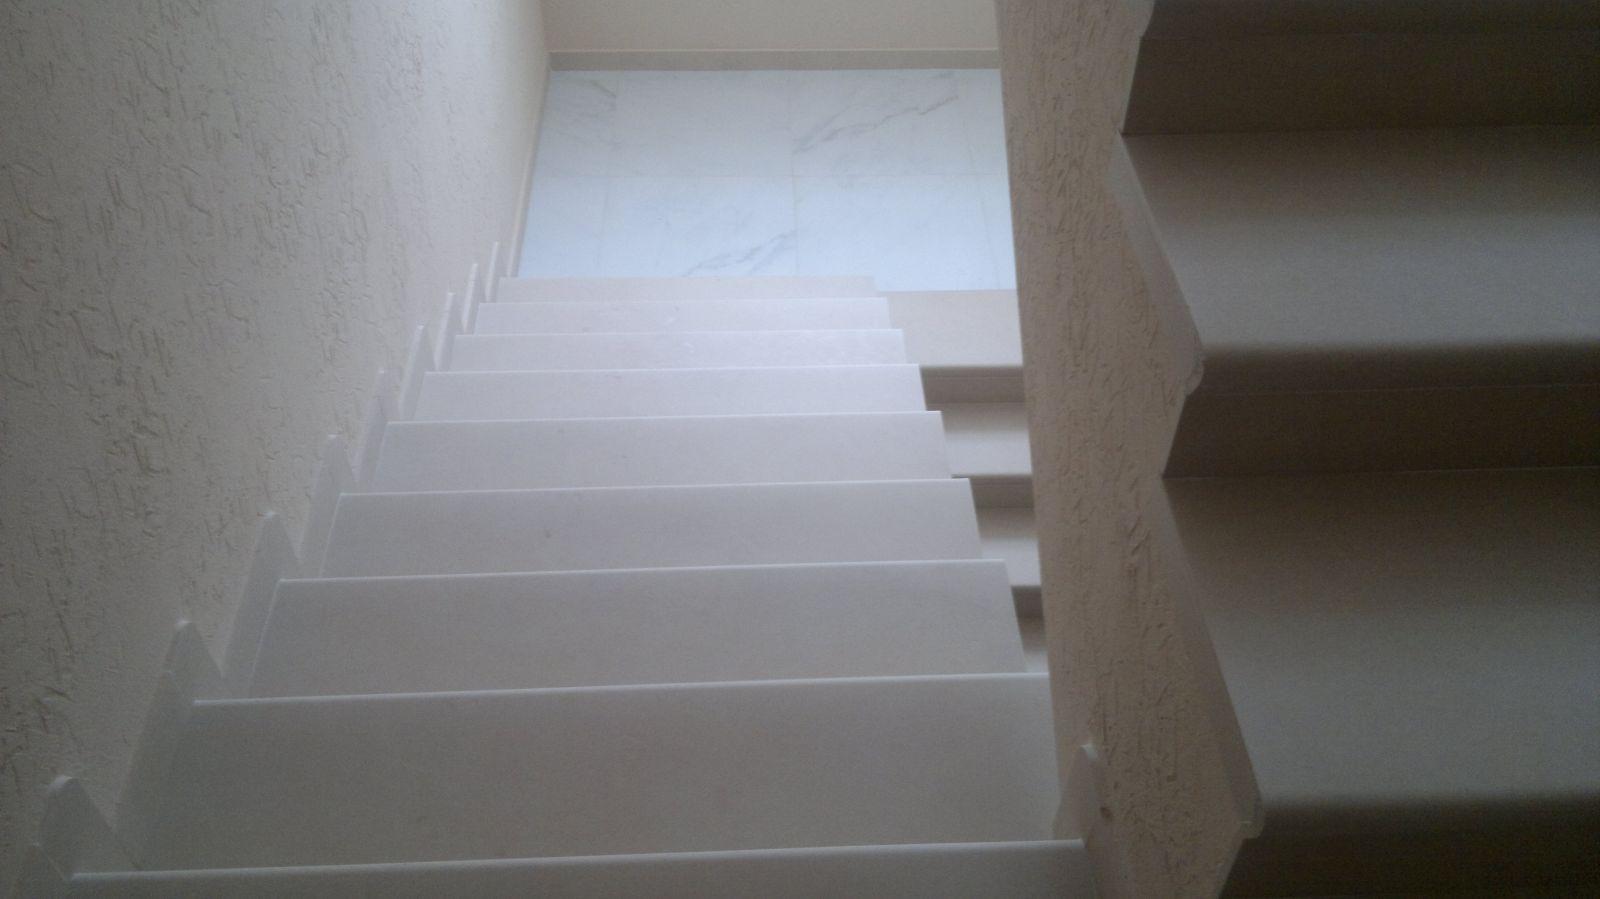 ступени кремового цвета, ступени бежевого цвета, ступени для лестниц, отделка ступеней лестниц, фото ступени, купить ступени